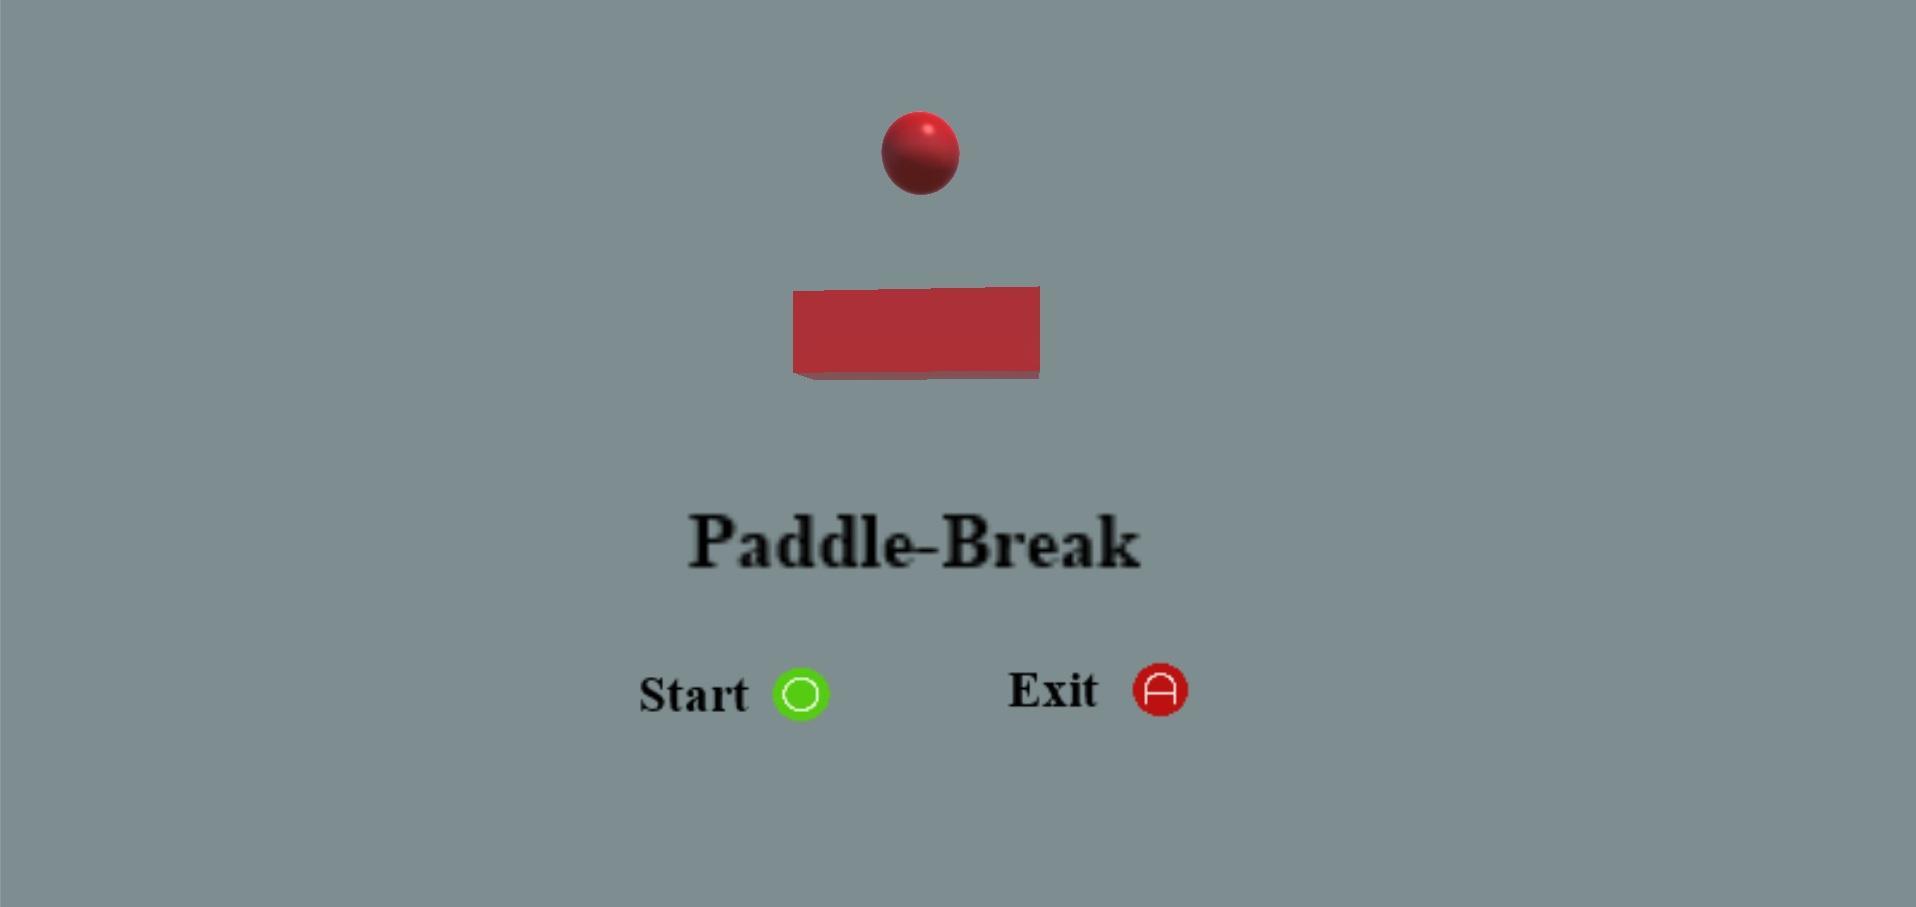 Screenshot of Paddle-Break